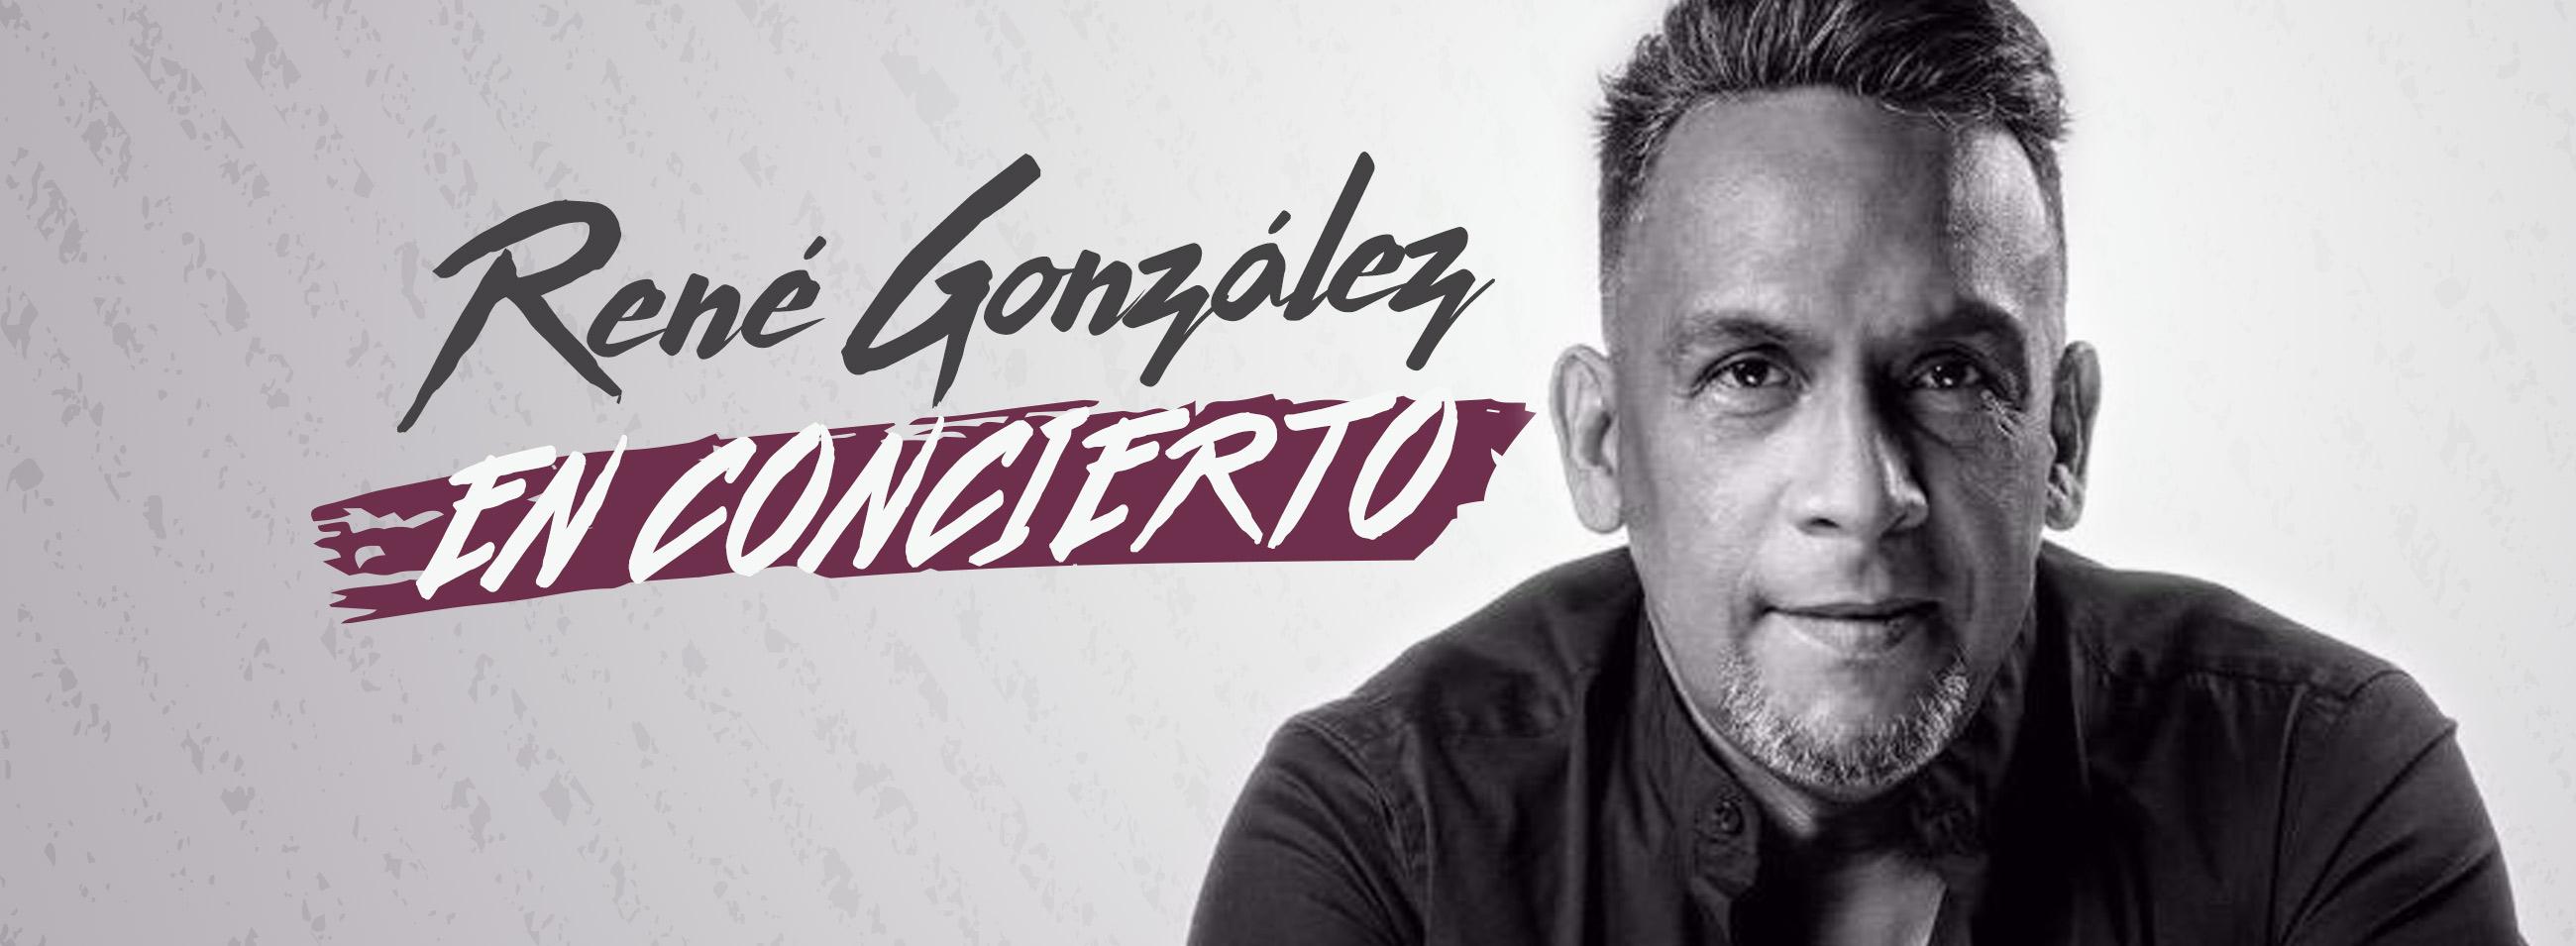 René González en Vivo el 25 de Octubre 2019